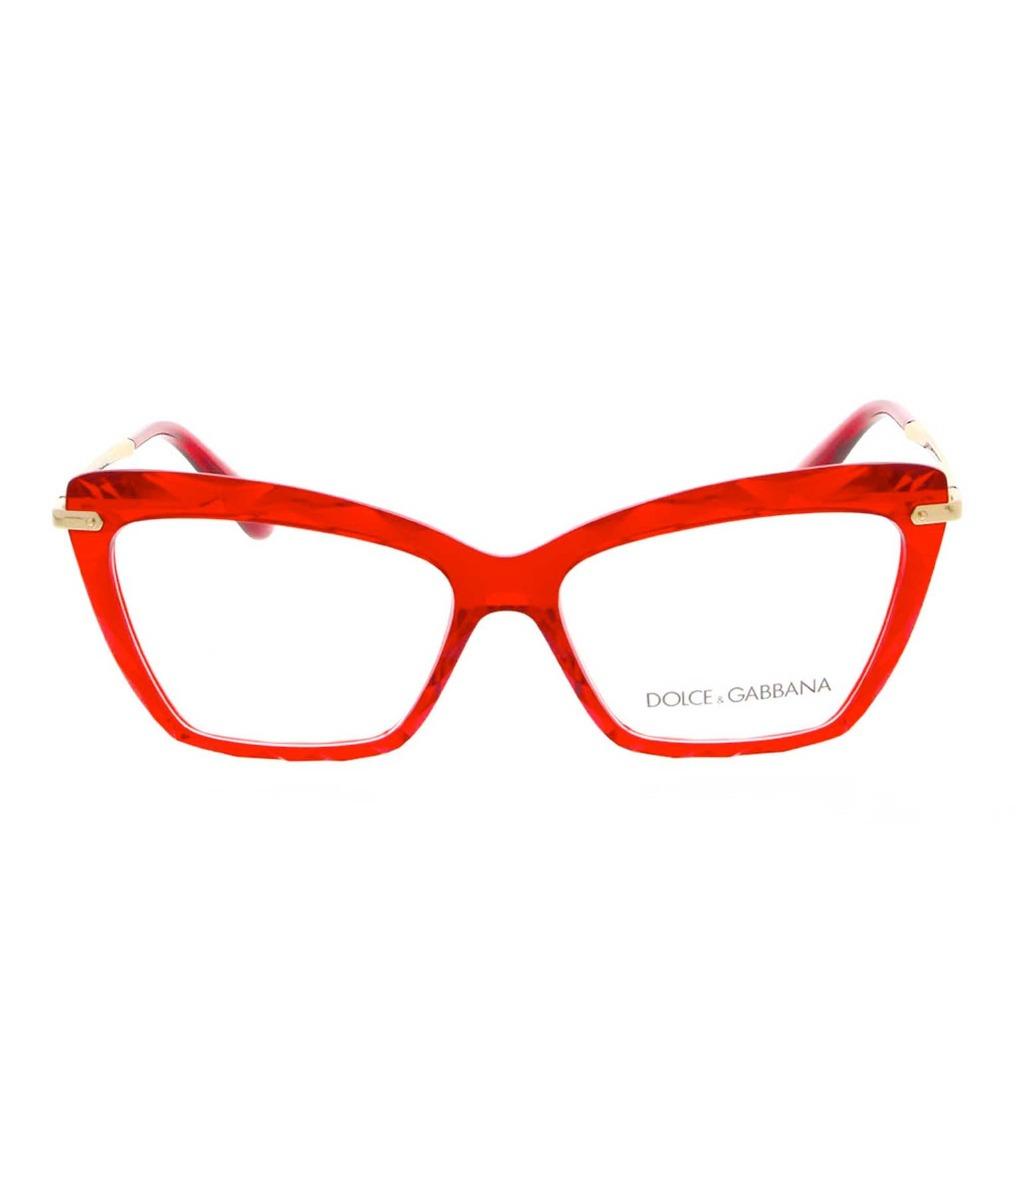 Gafas Dolce Gabbana Dg 5025 3147 -   1.300.000 en Mercado Libre bec8f38b01